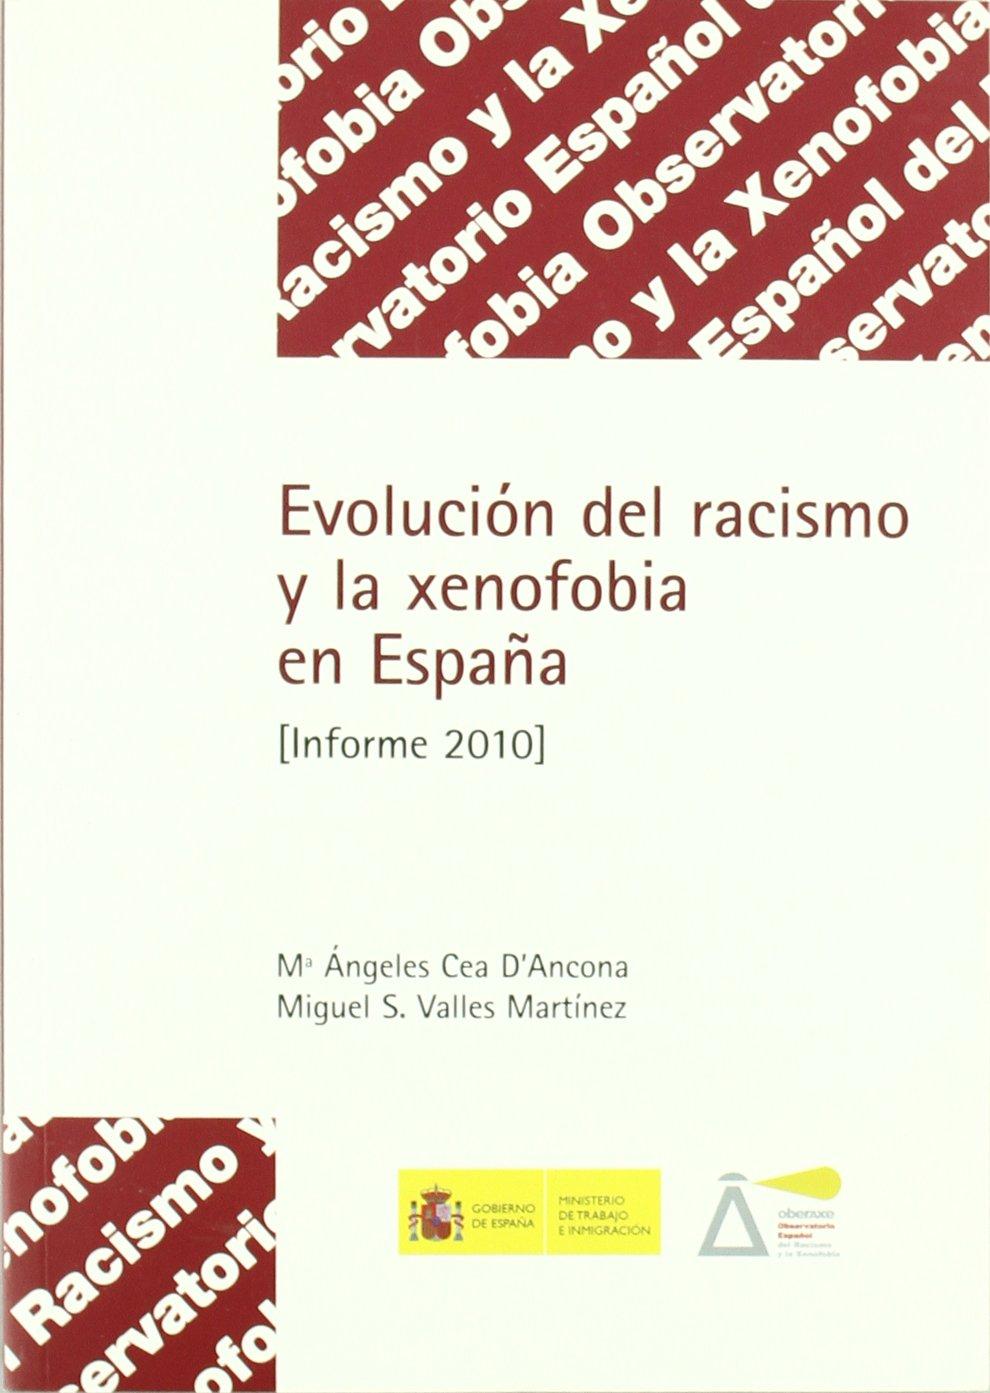 Evolución del racismo y la xenofobia en España. Informe 2010.: Amazon.es: Observatorio Español del Racismo y la Xenofobia: Libros